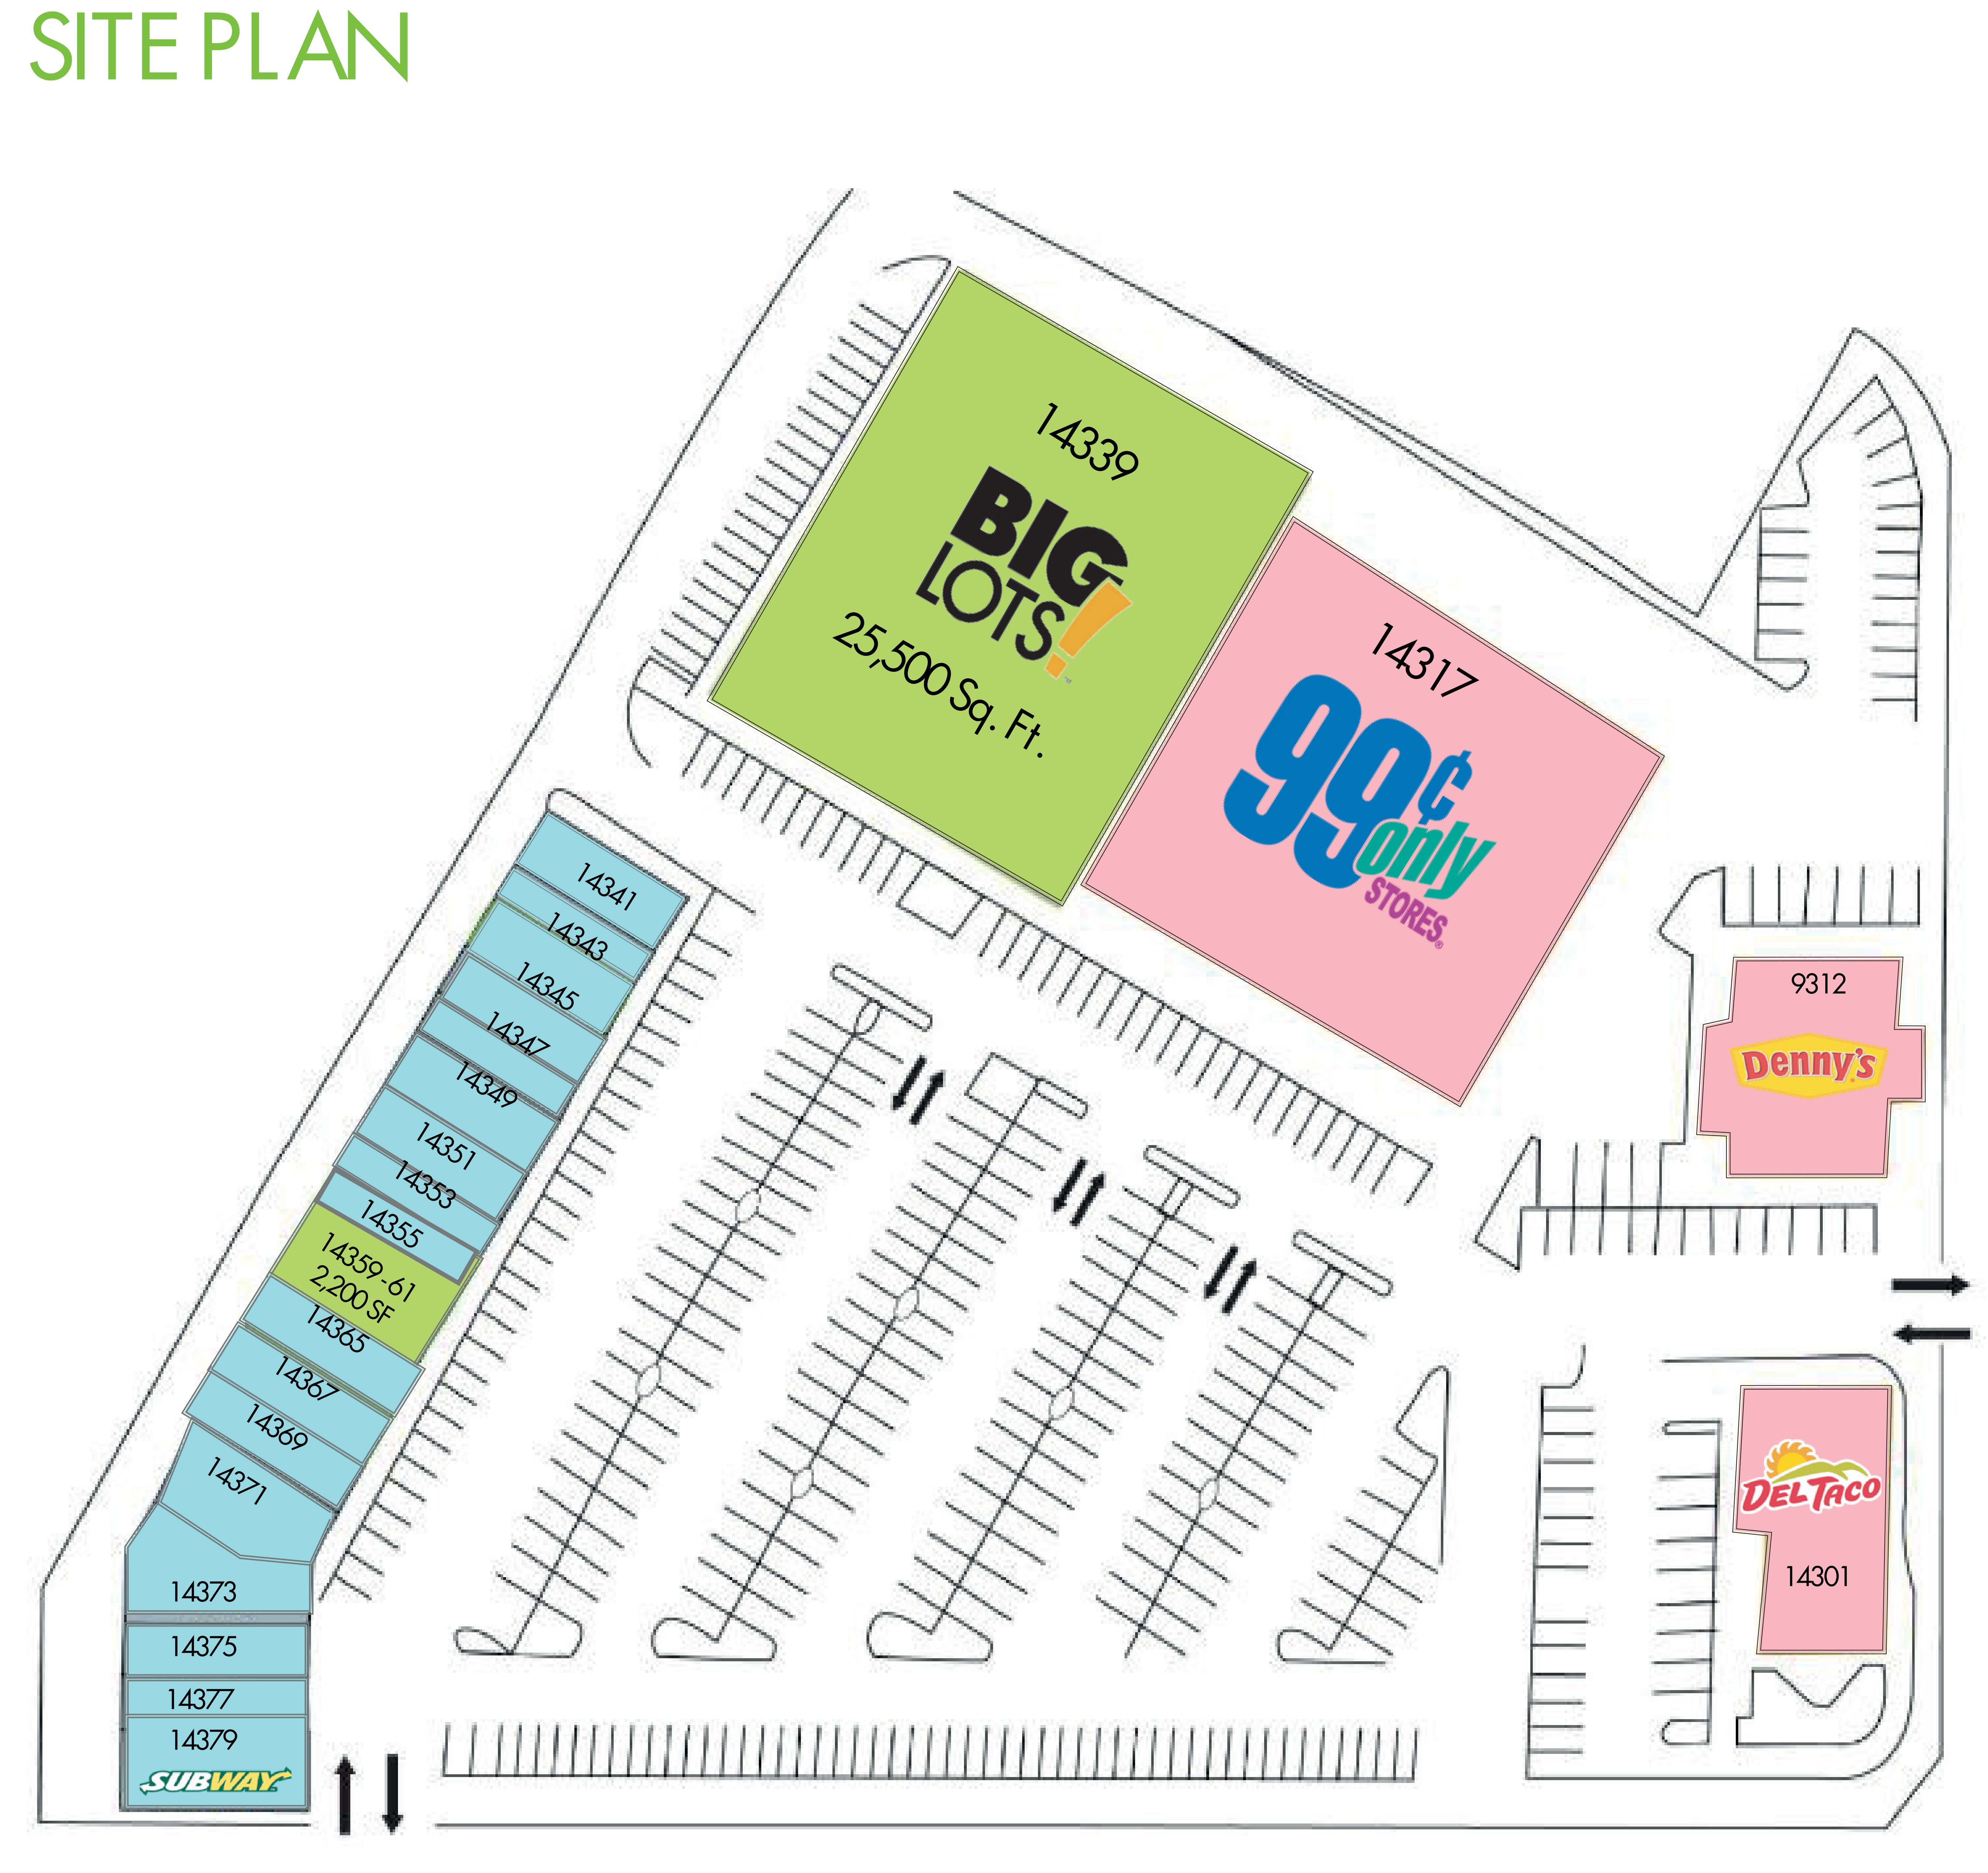 Bellflower Shopping Center: site plan